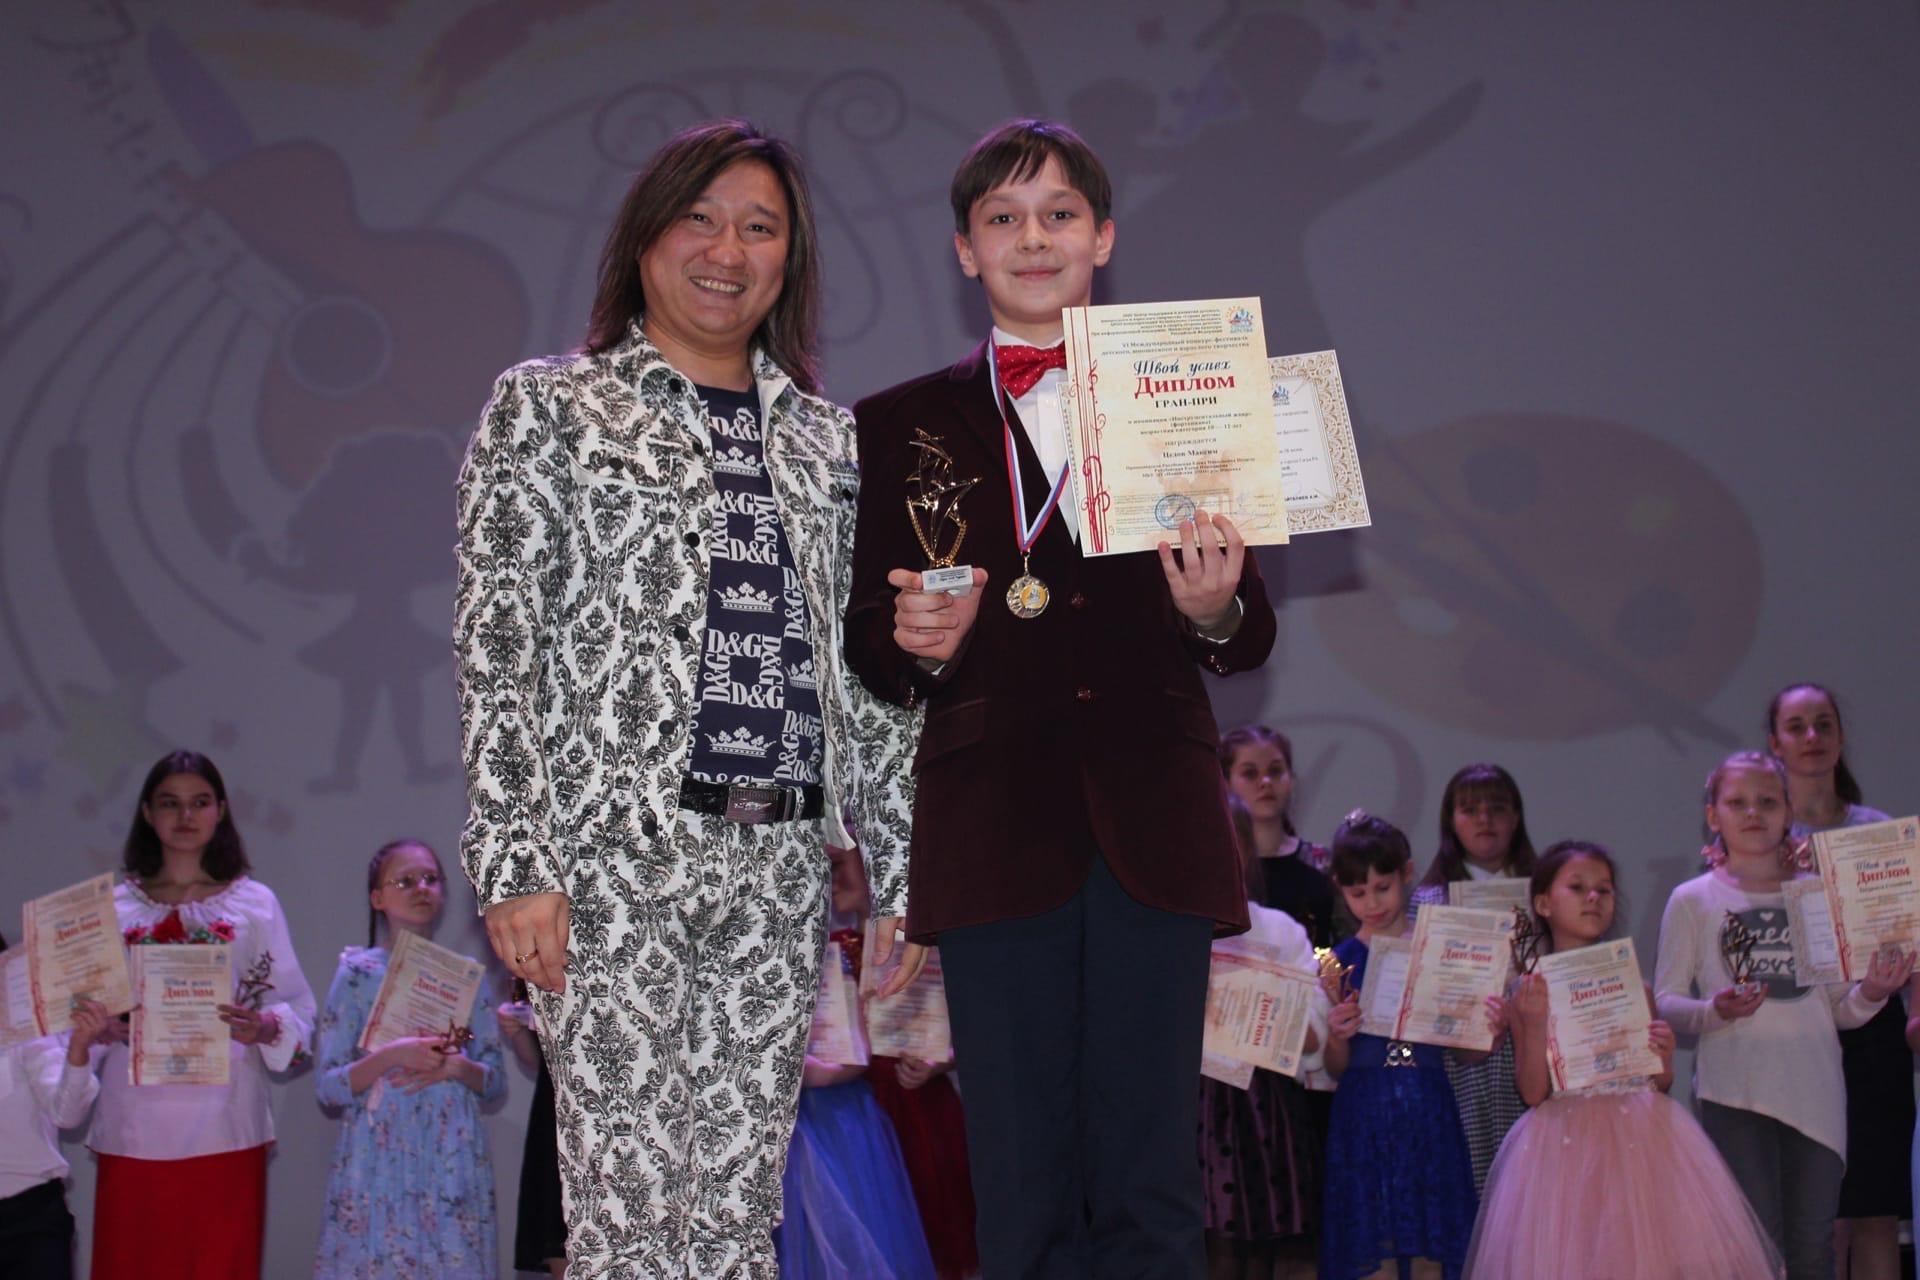 В рамках международного проекта «Душа моей Родины» 20-23 февраля состоялся VI Международный фестиваль-конкурс детского и юношеского творчества «Твой успех».